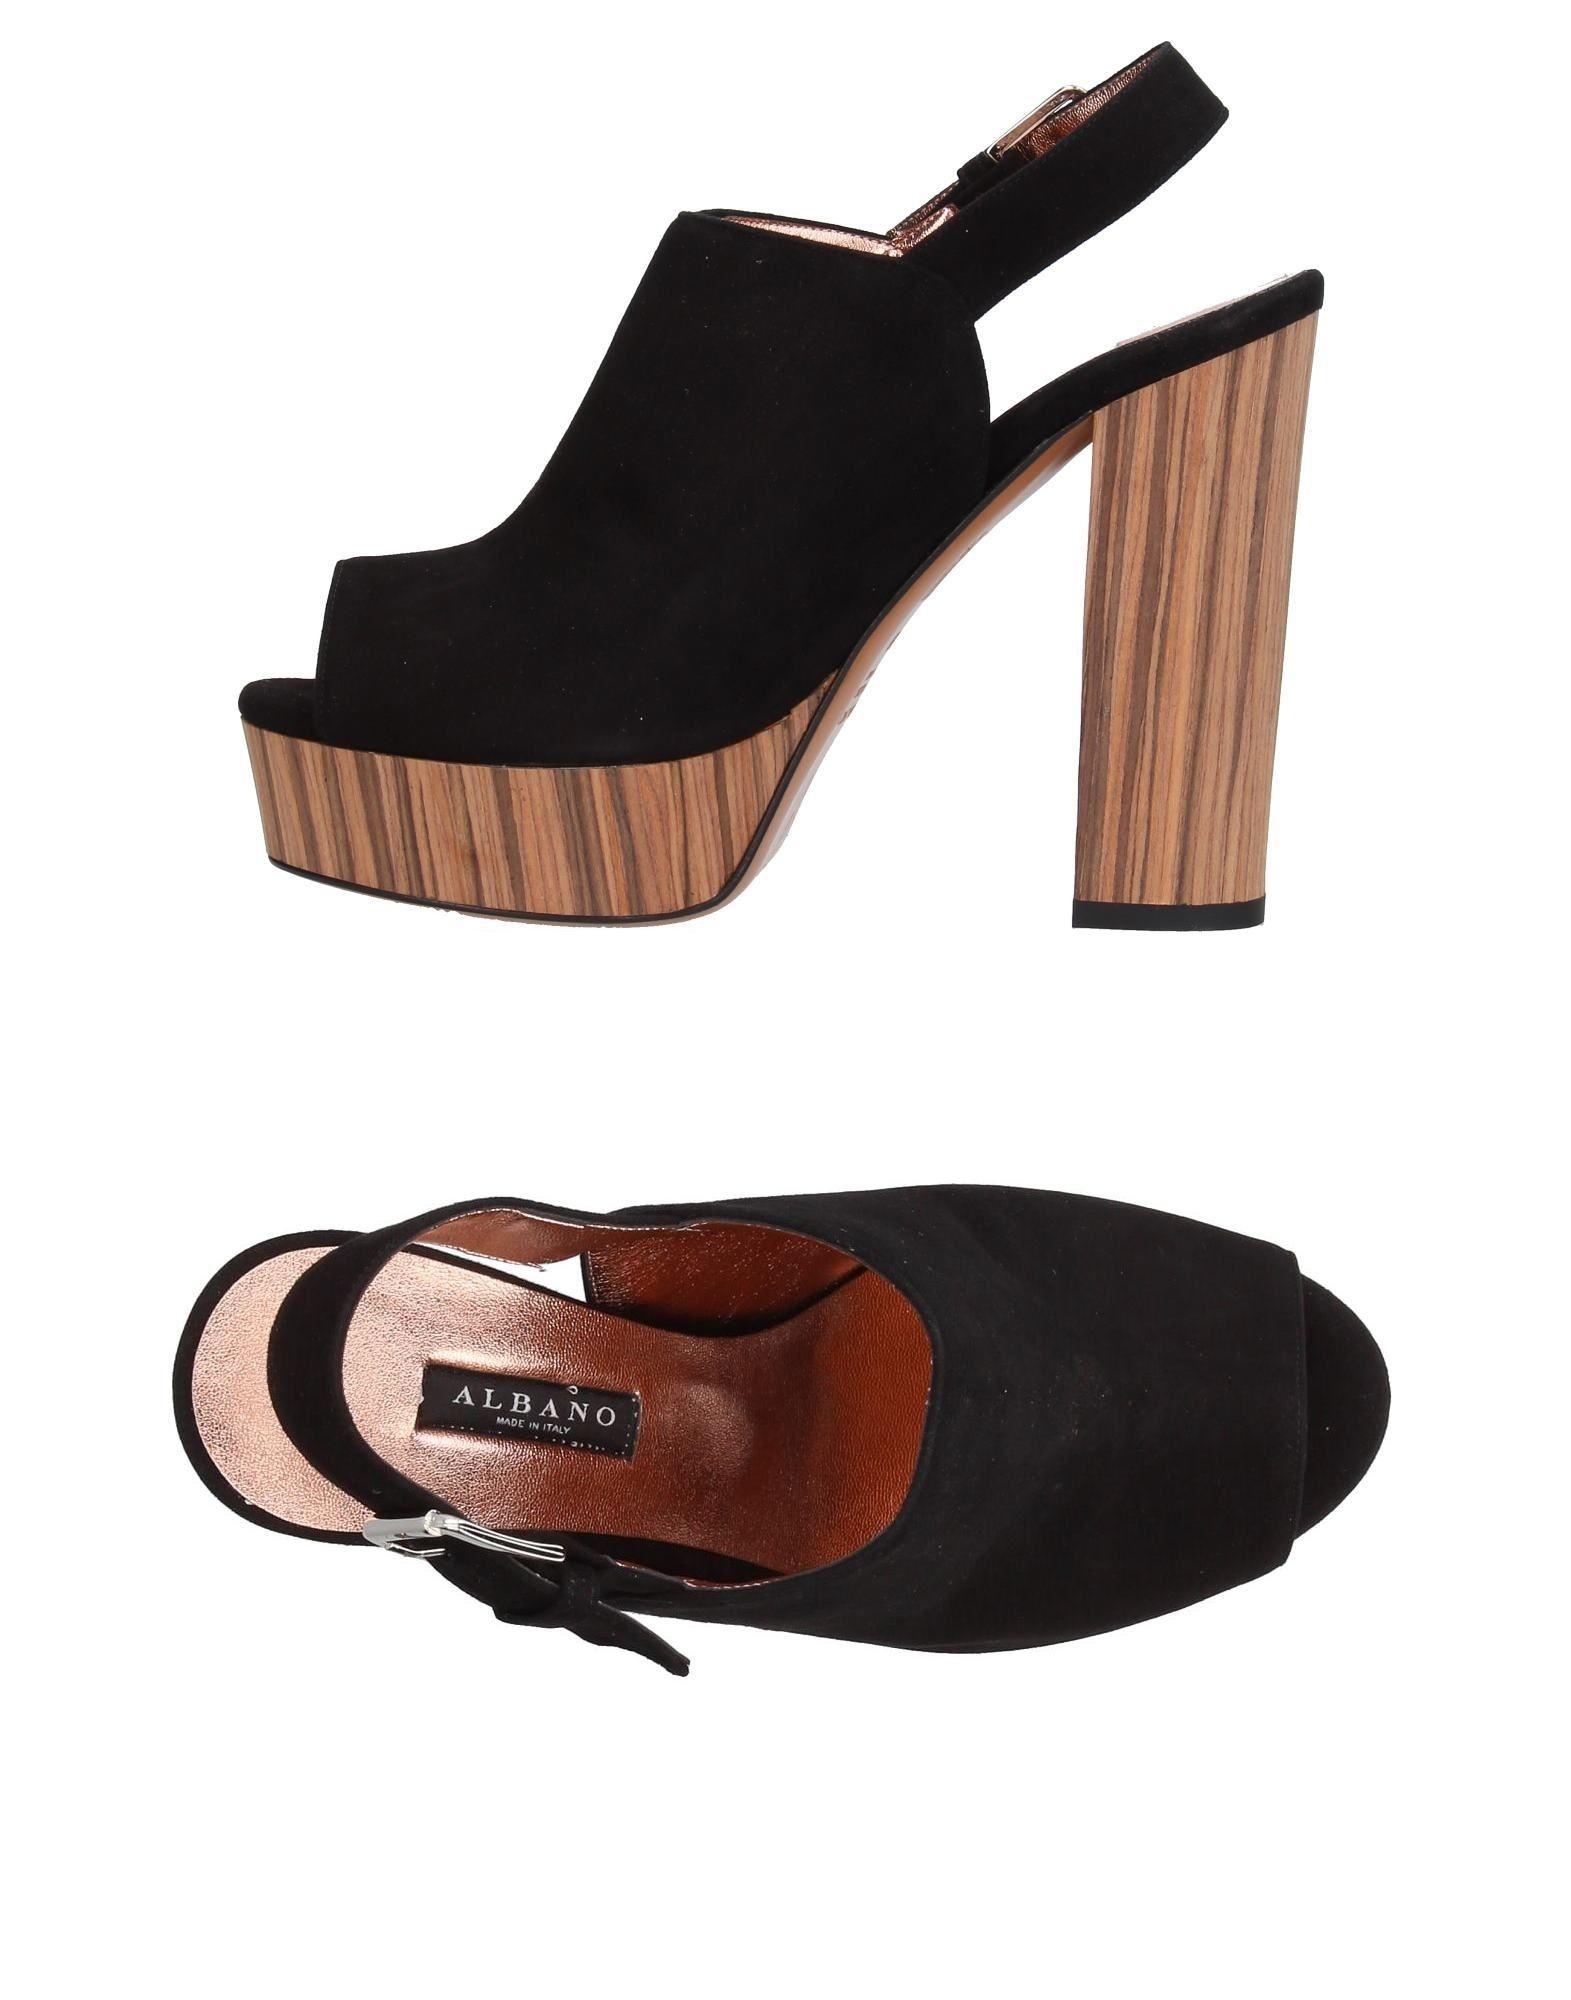 Albano Sandalen Damen  11399993VL Gute Qualität beliebte Schuhe